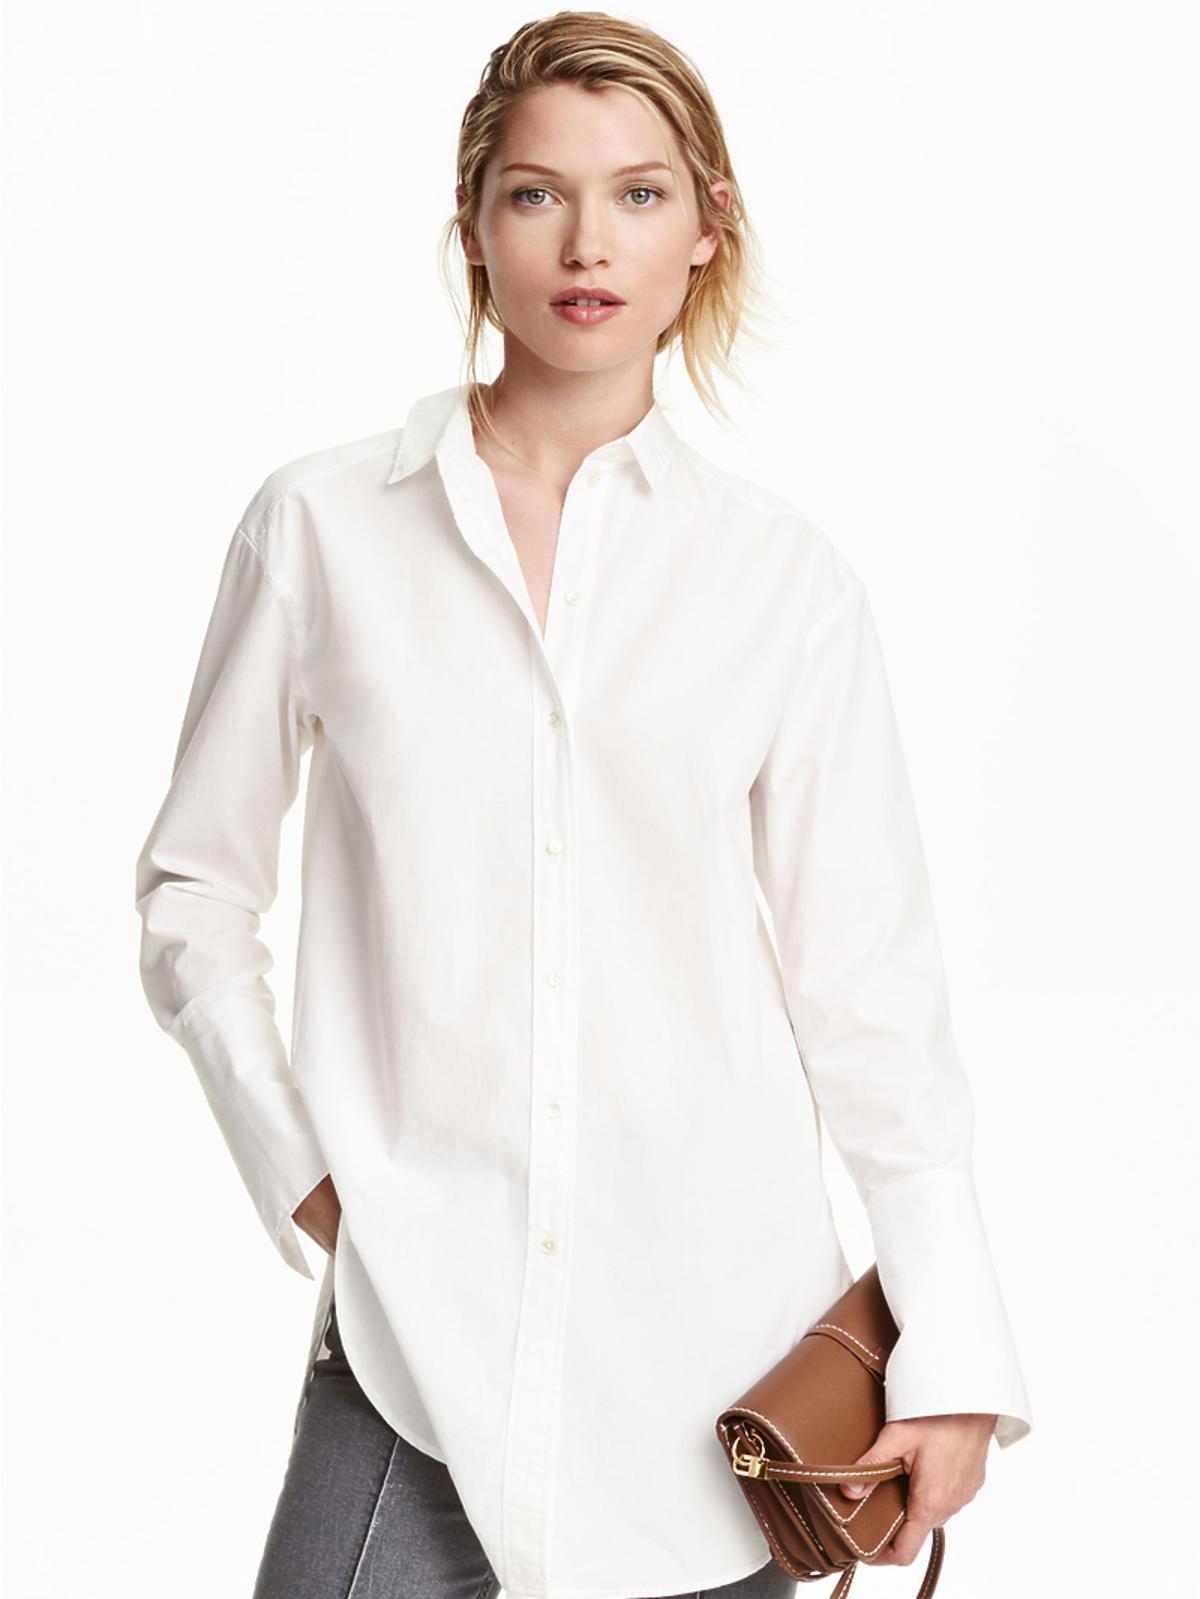 Biała koszula z bawełny, H&M, przeceniona z 99,90 zł na 59,90 zł